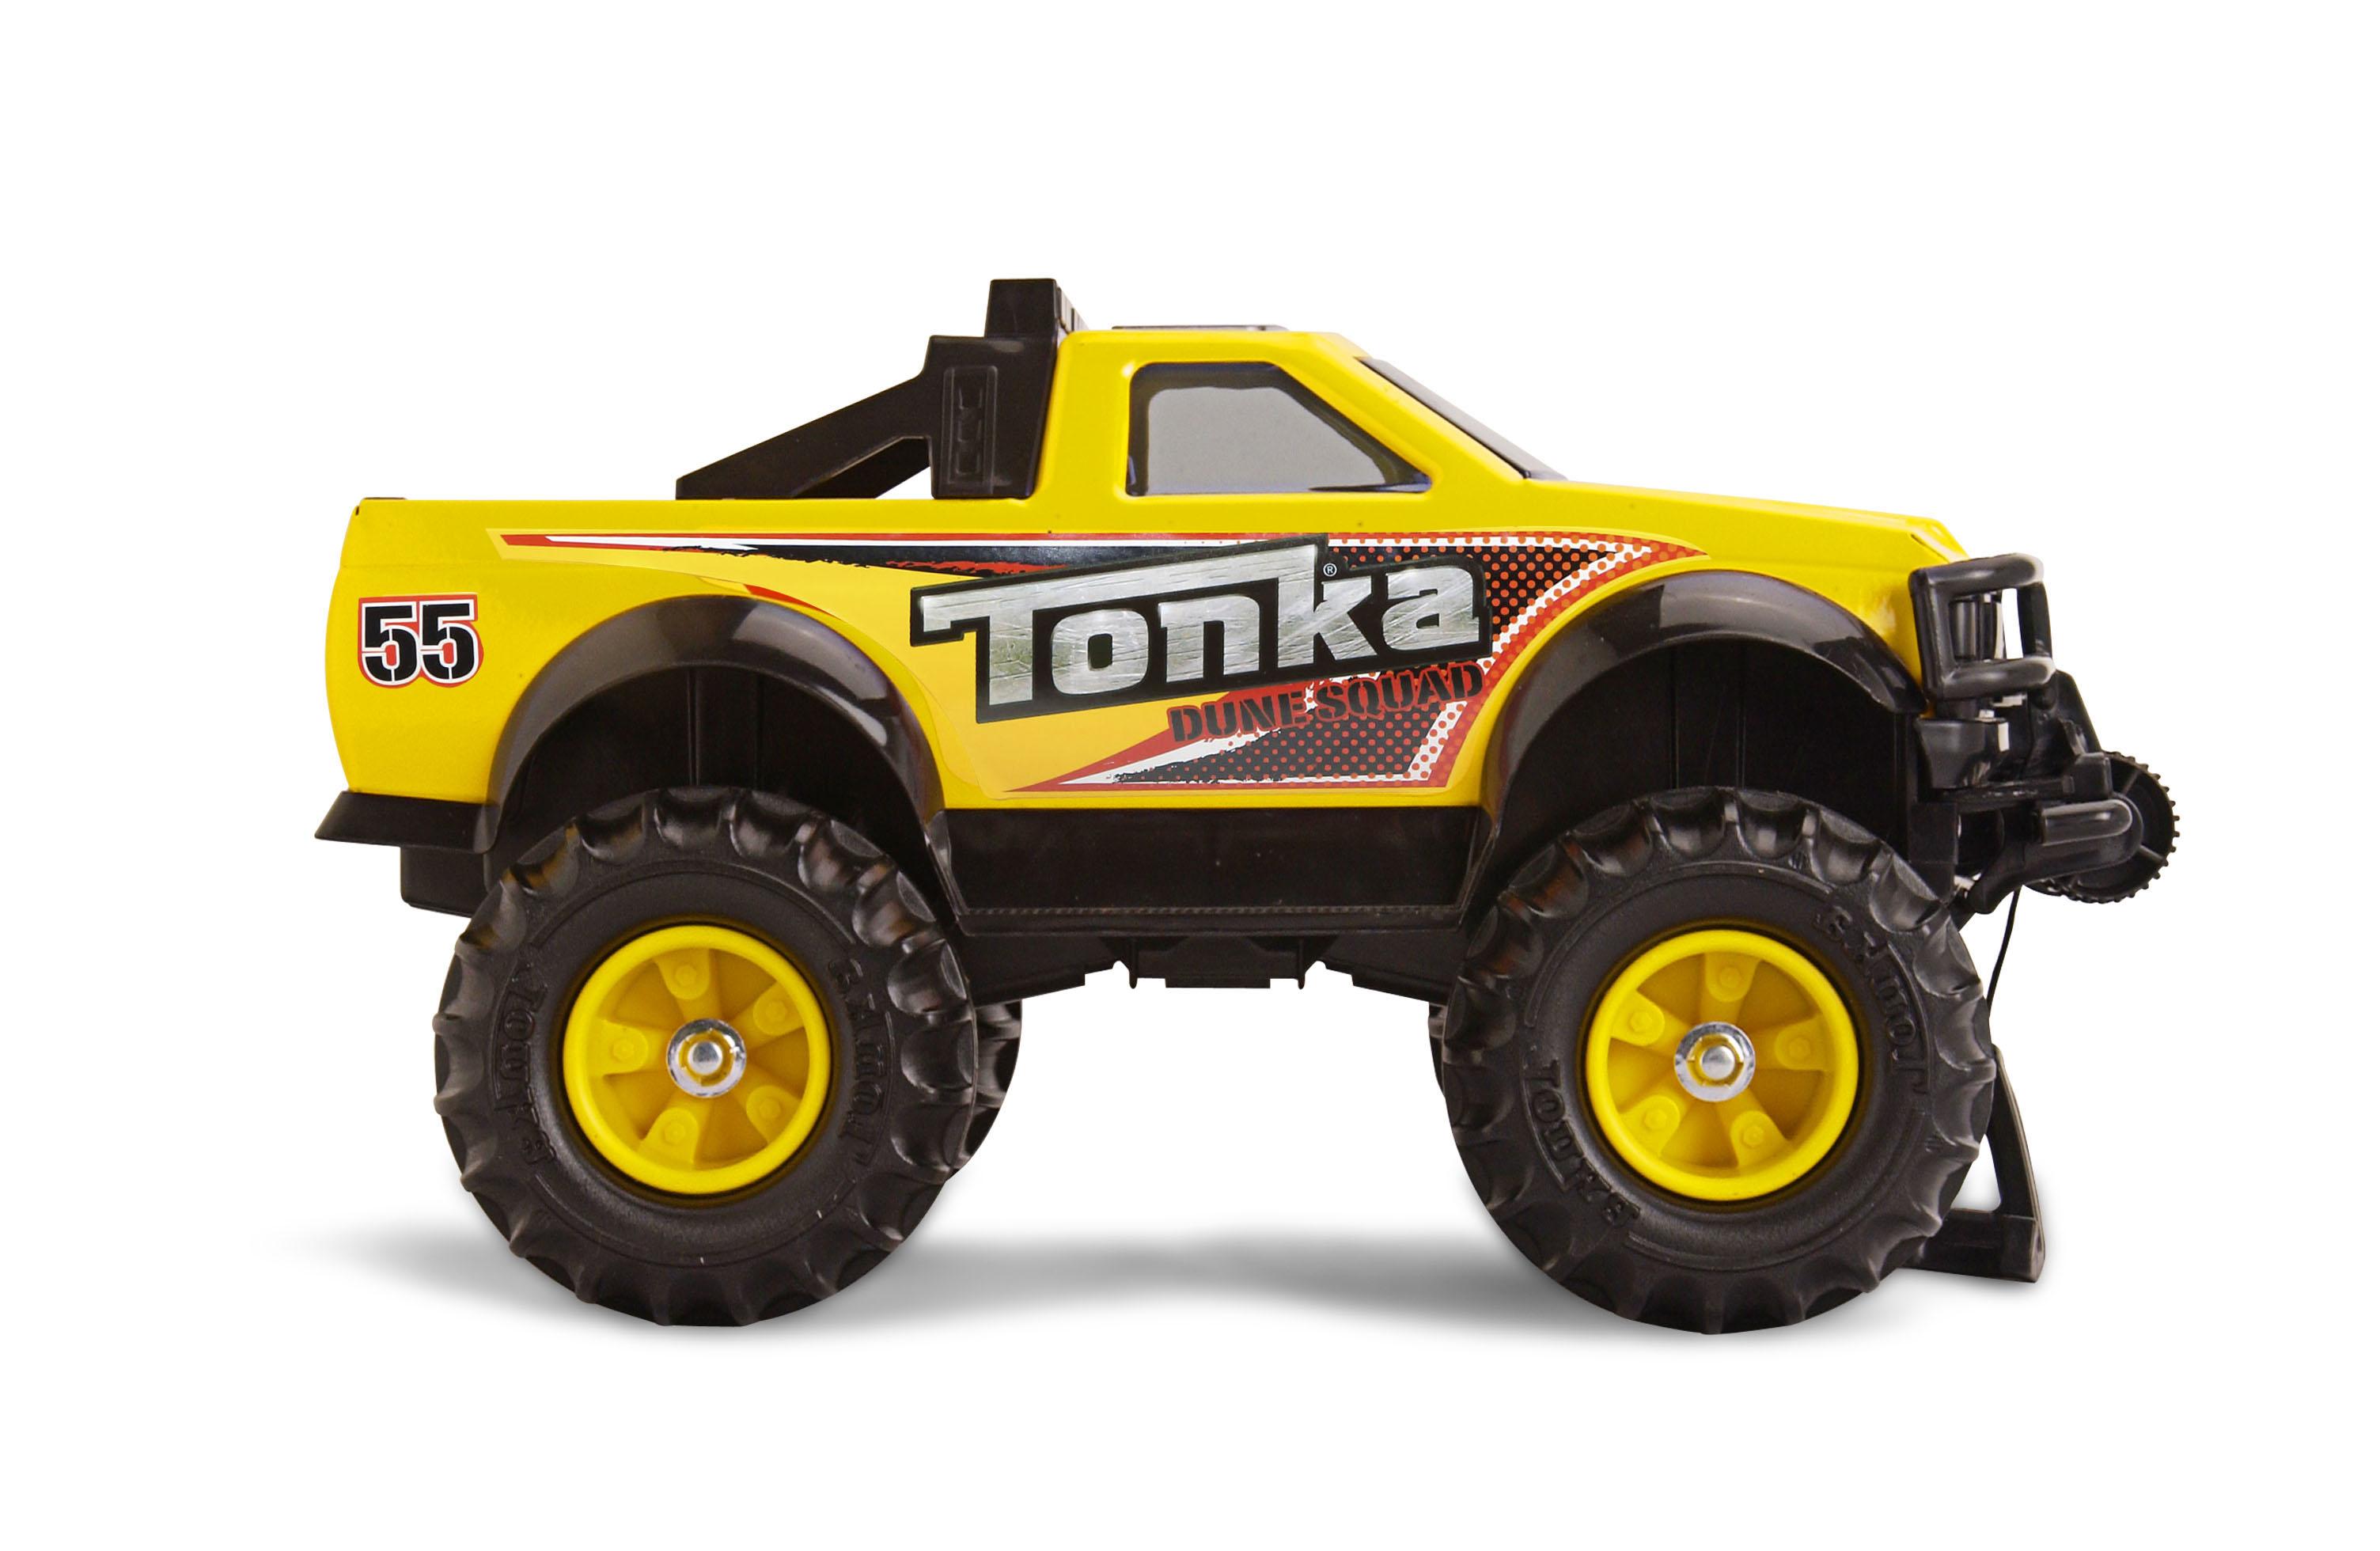 Tonka Steel; camiones de juguete garantizados de por vida 1